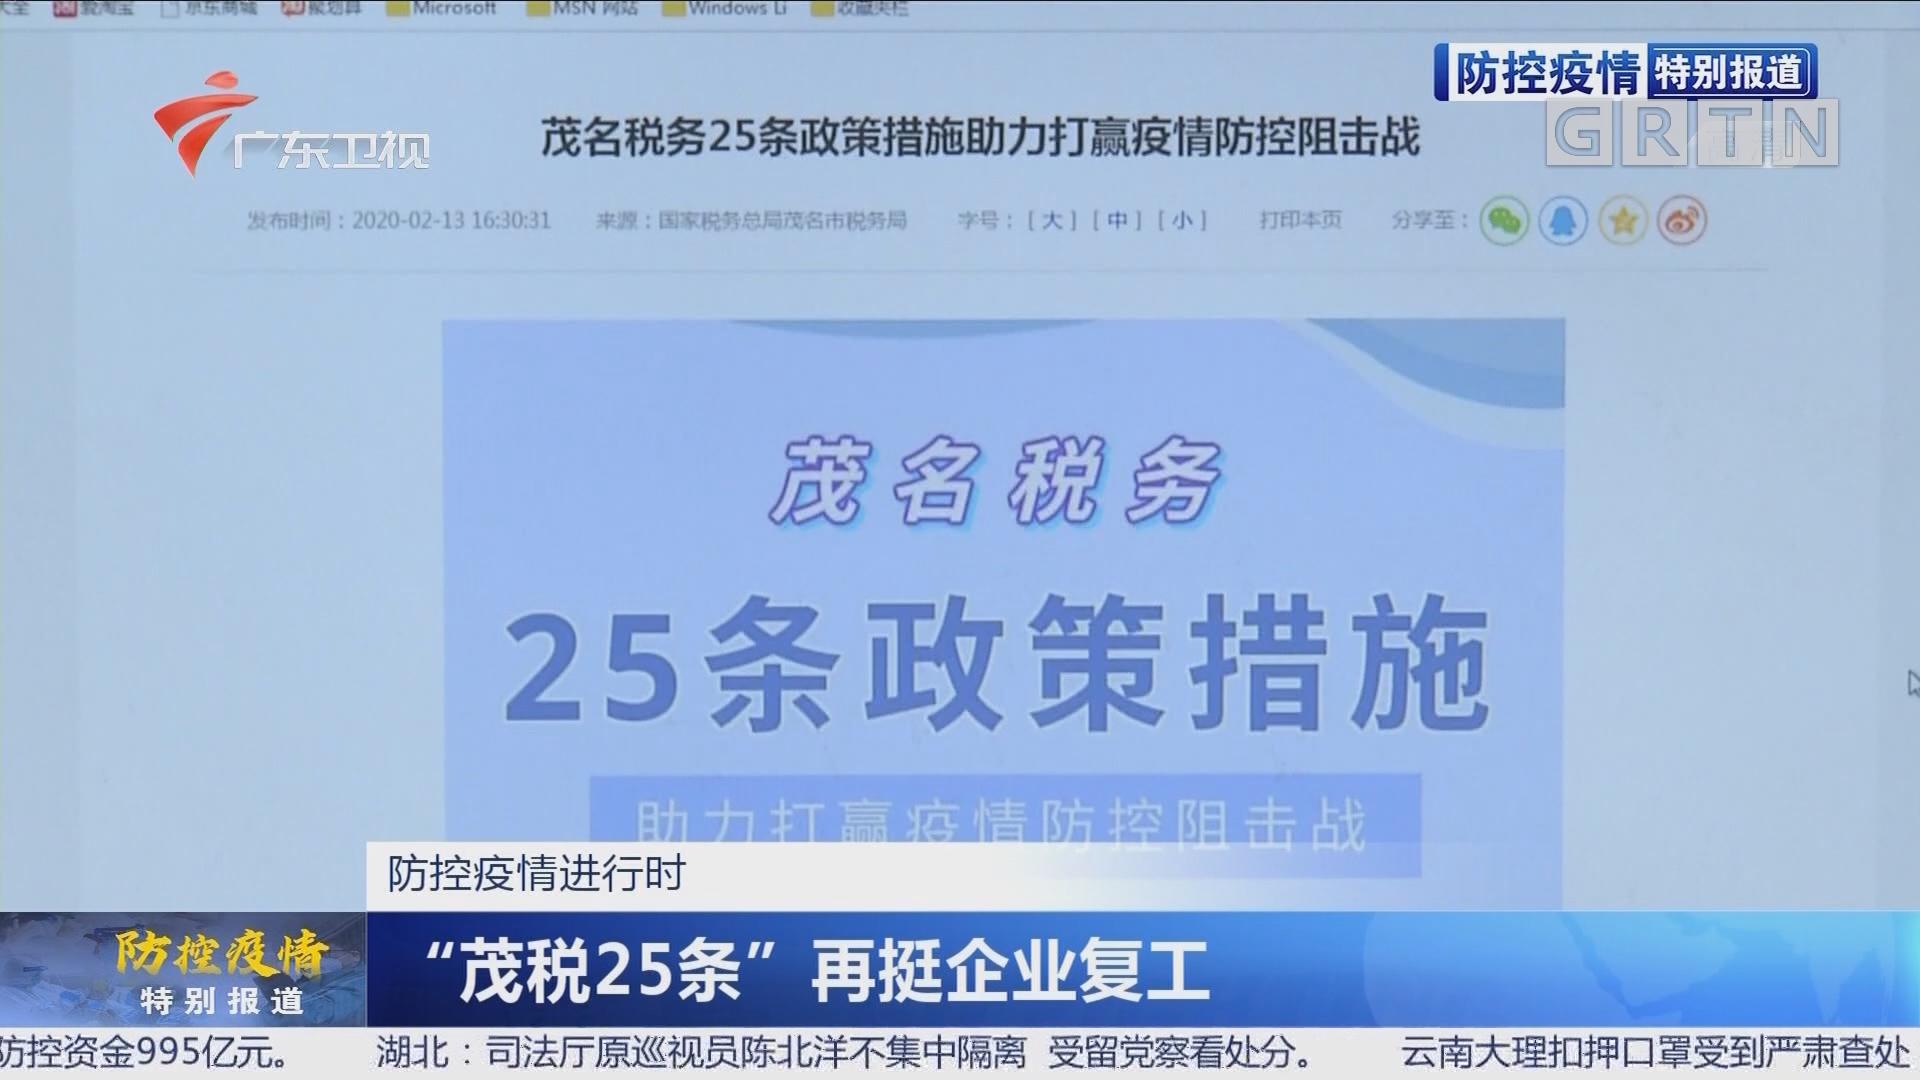 广东各地出台政策支持企业复工复产